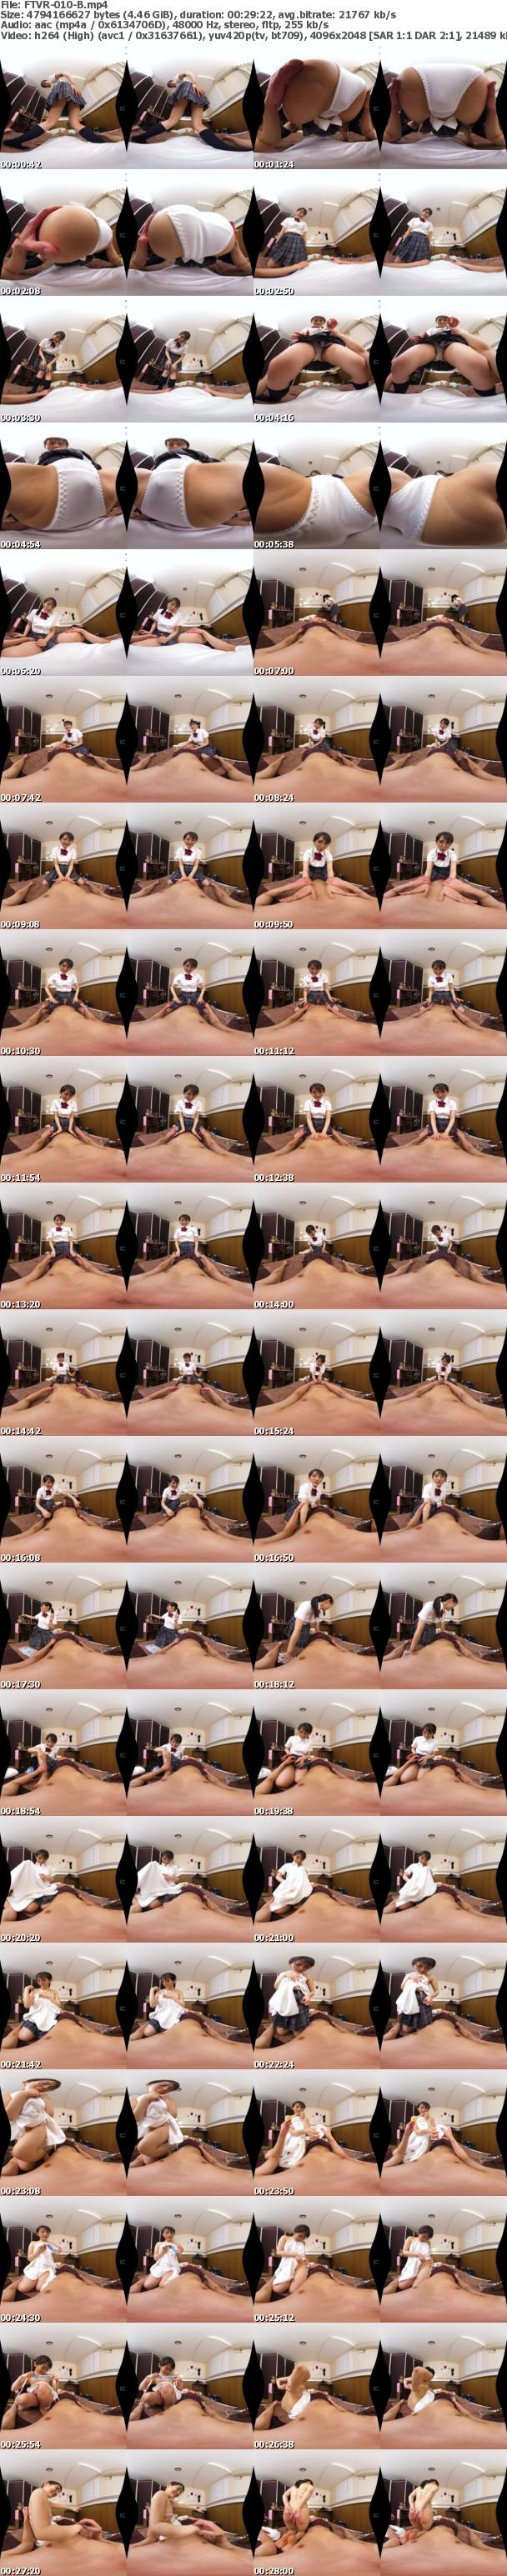 (VR) FTVR-010 全部のせJ○リフレ 電脳アキバ店 表&裏オプション完全網羅! クラスNo.1の優等生とイチャイチャ&ハメハメできちゃう126分 河奈亜依